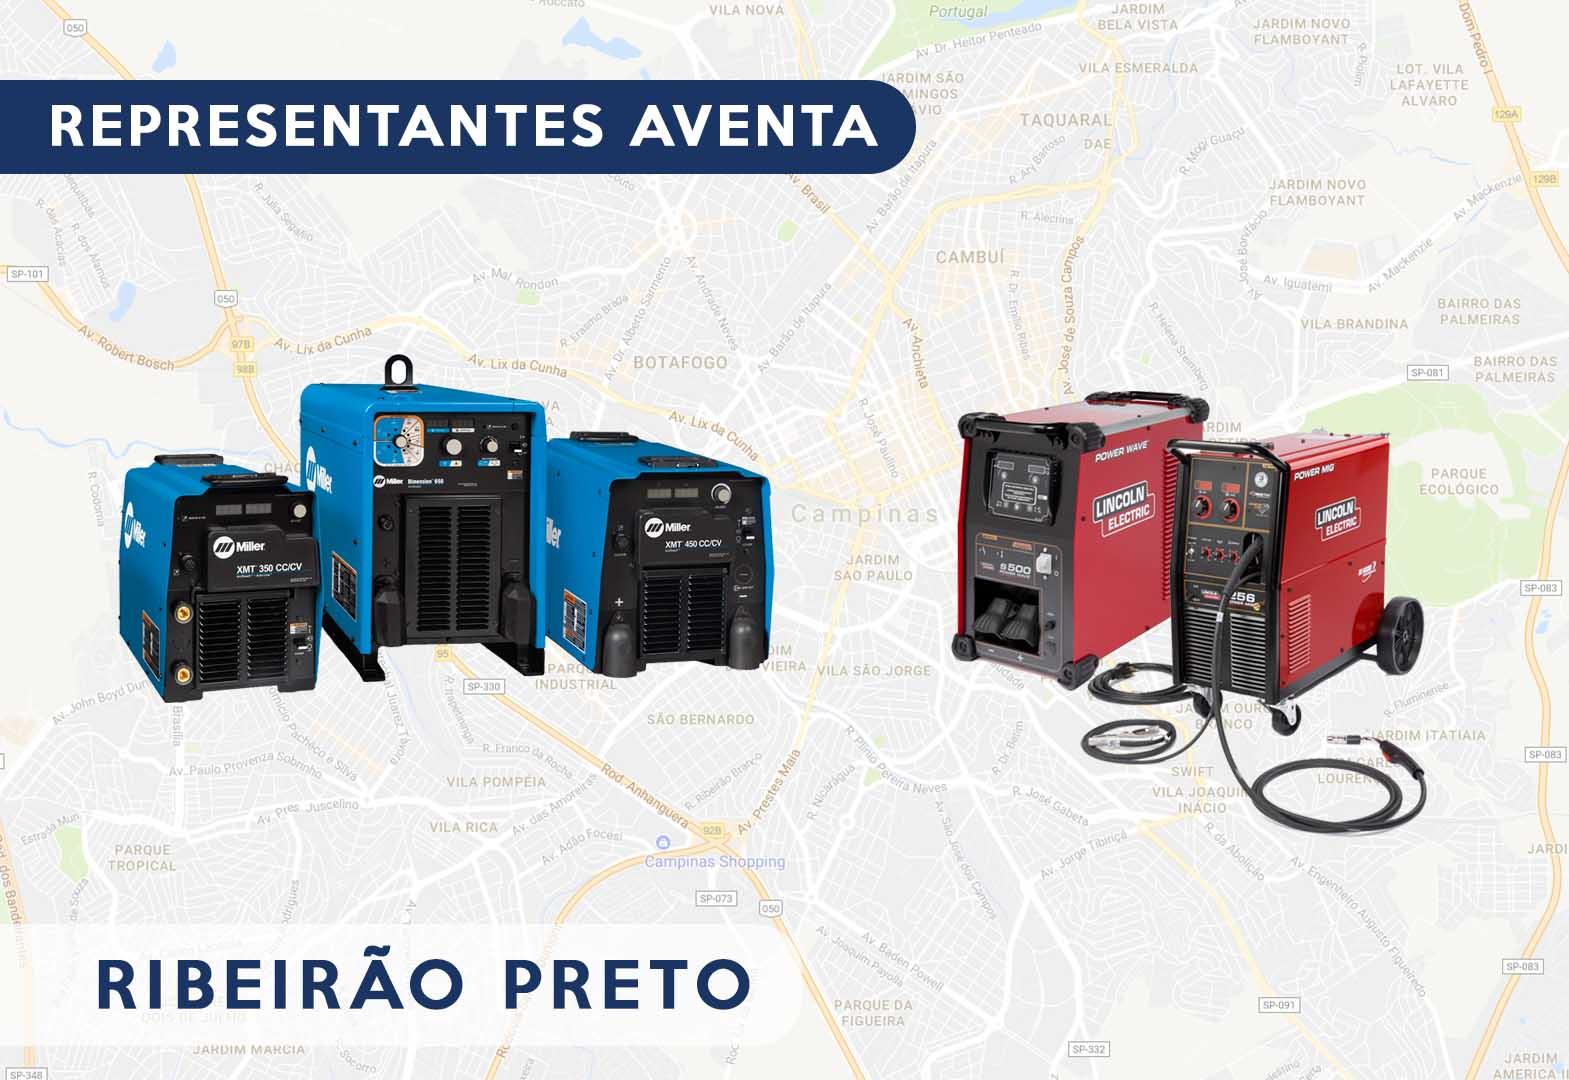 Solda Ribeirão Preto Aventa